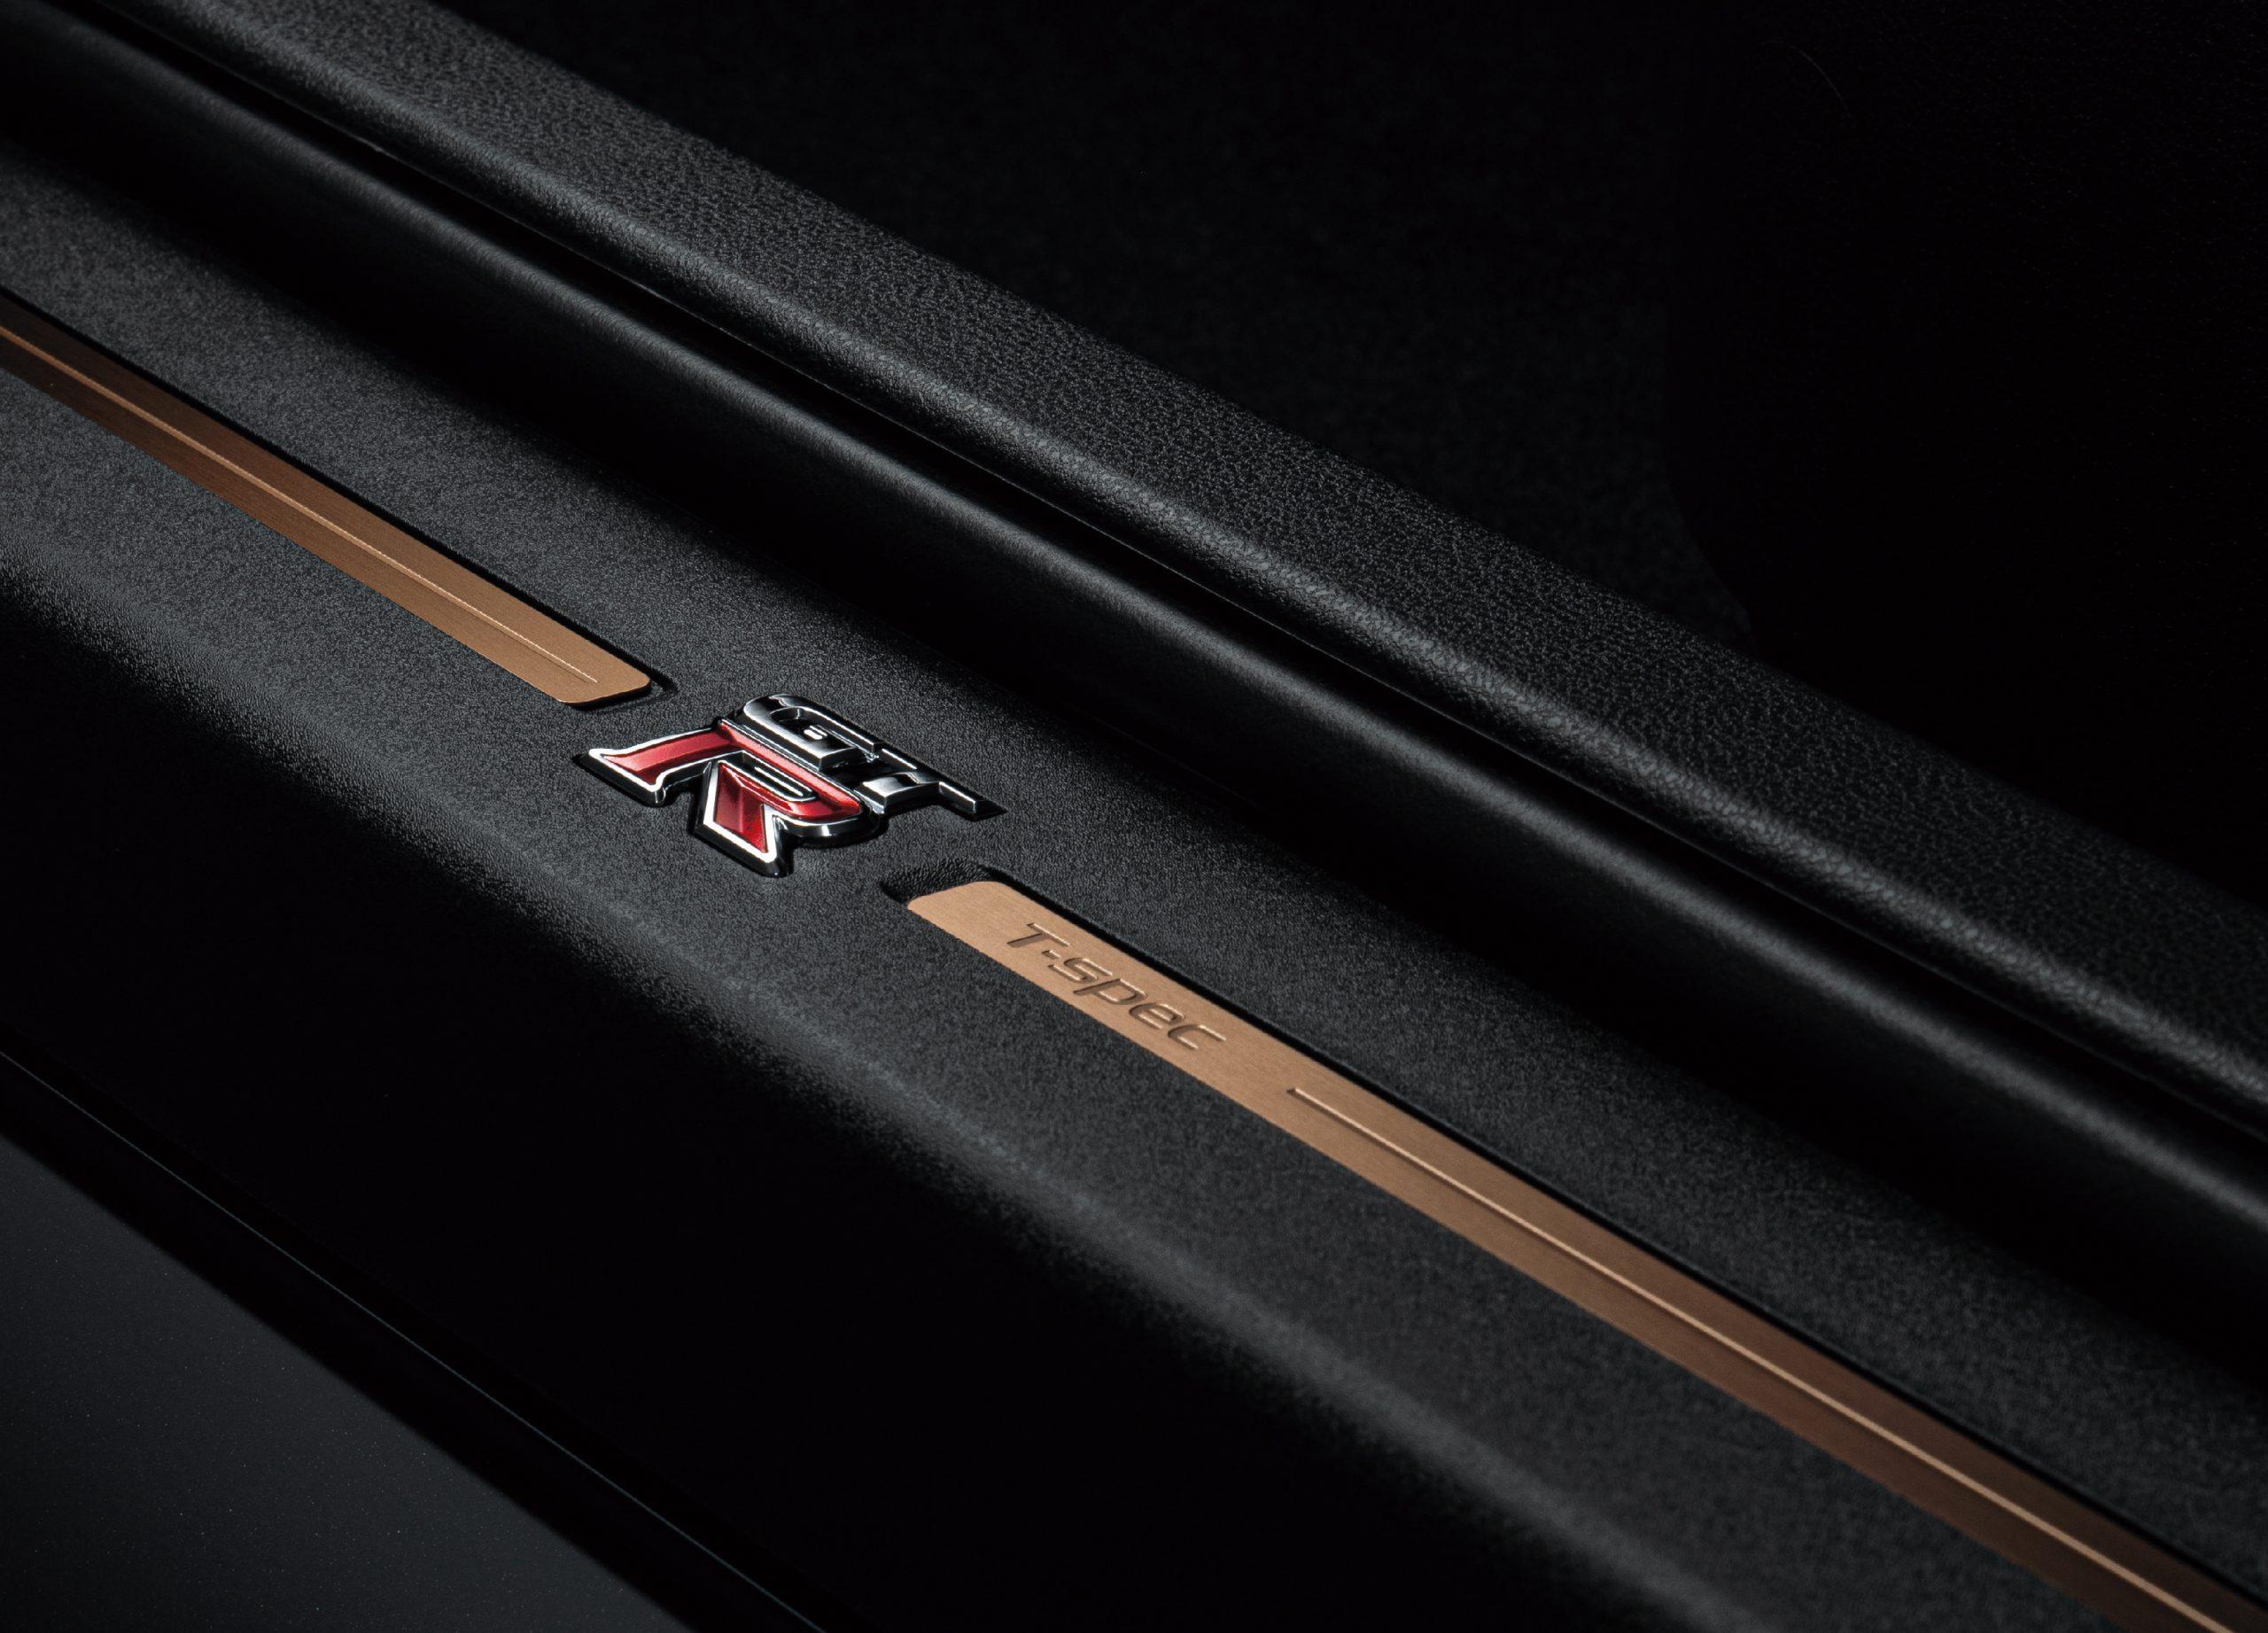 2022 Nissan GT-R Premium T-Spec interior